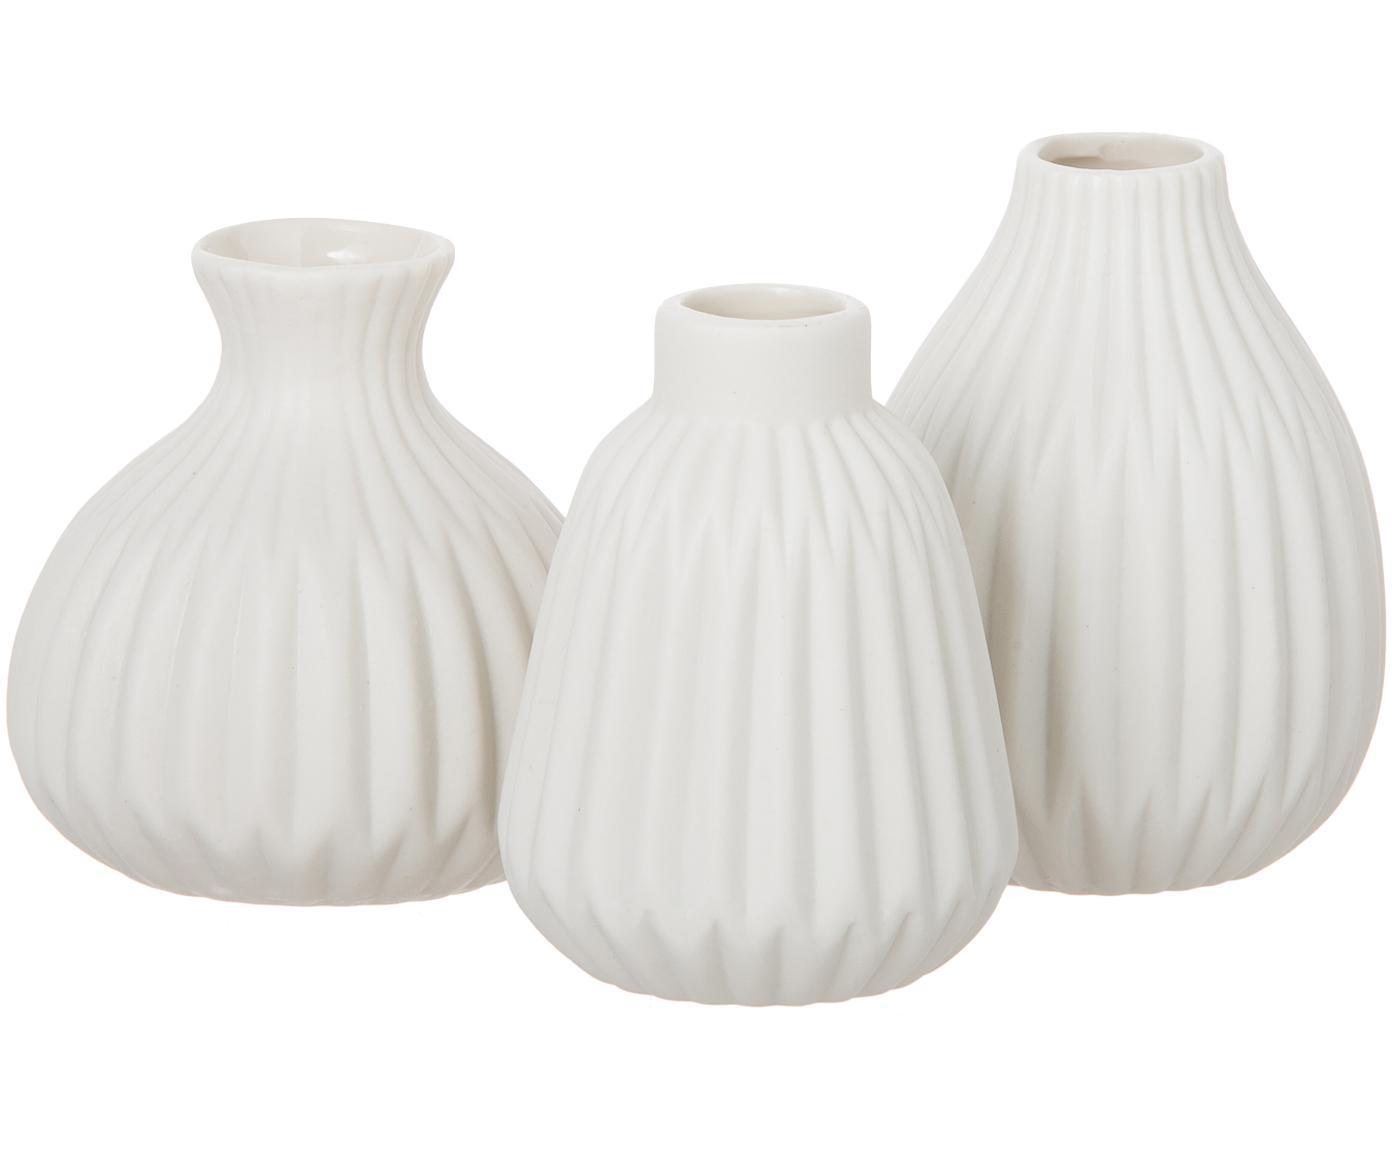 Komplet małych wazonów z porcelany Esko, 3 elem., Porcelana, Biały, Różne rozmiary